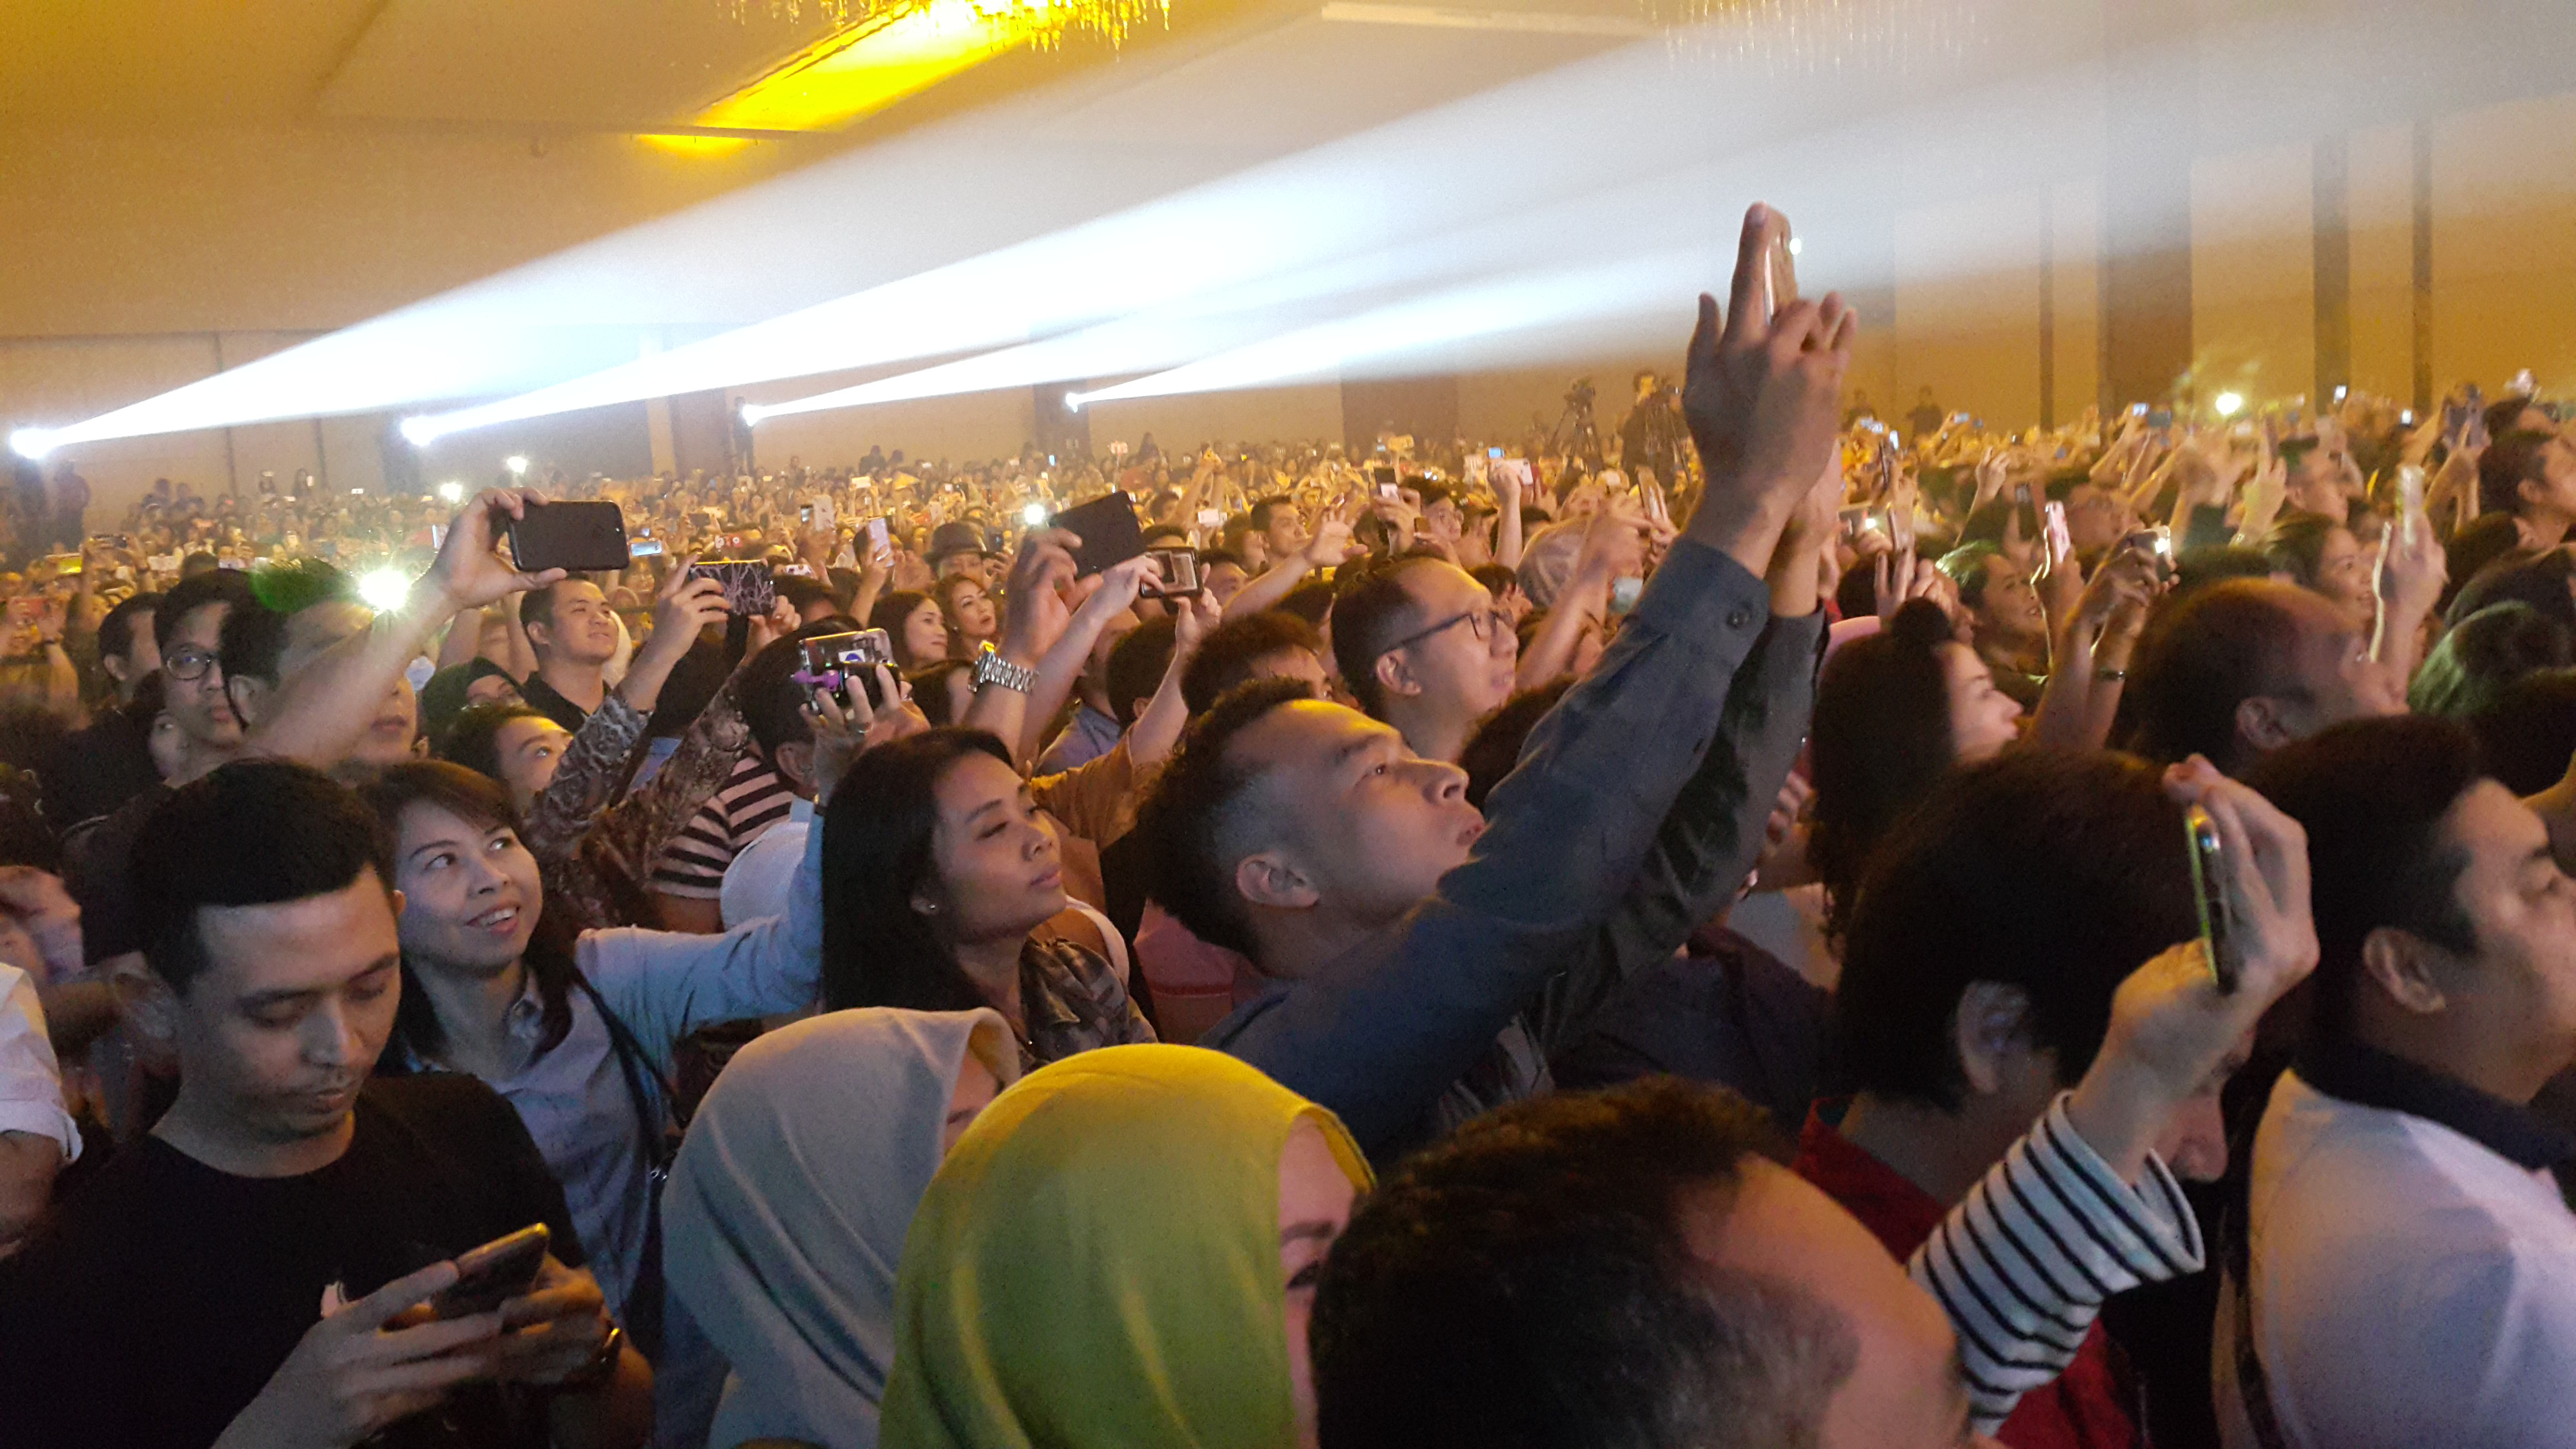 Konser Boyzone di Surabaya, Foto: Syaiful Islam